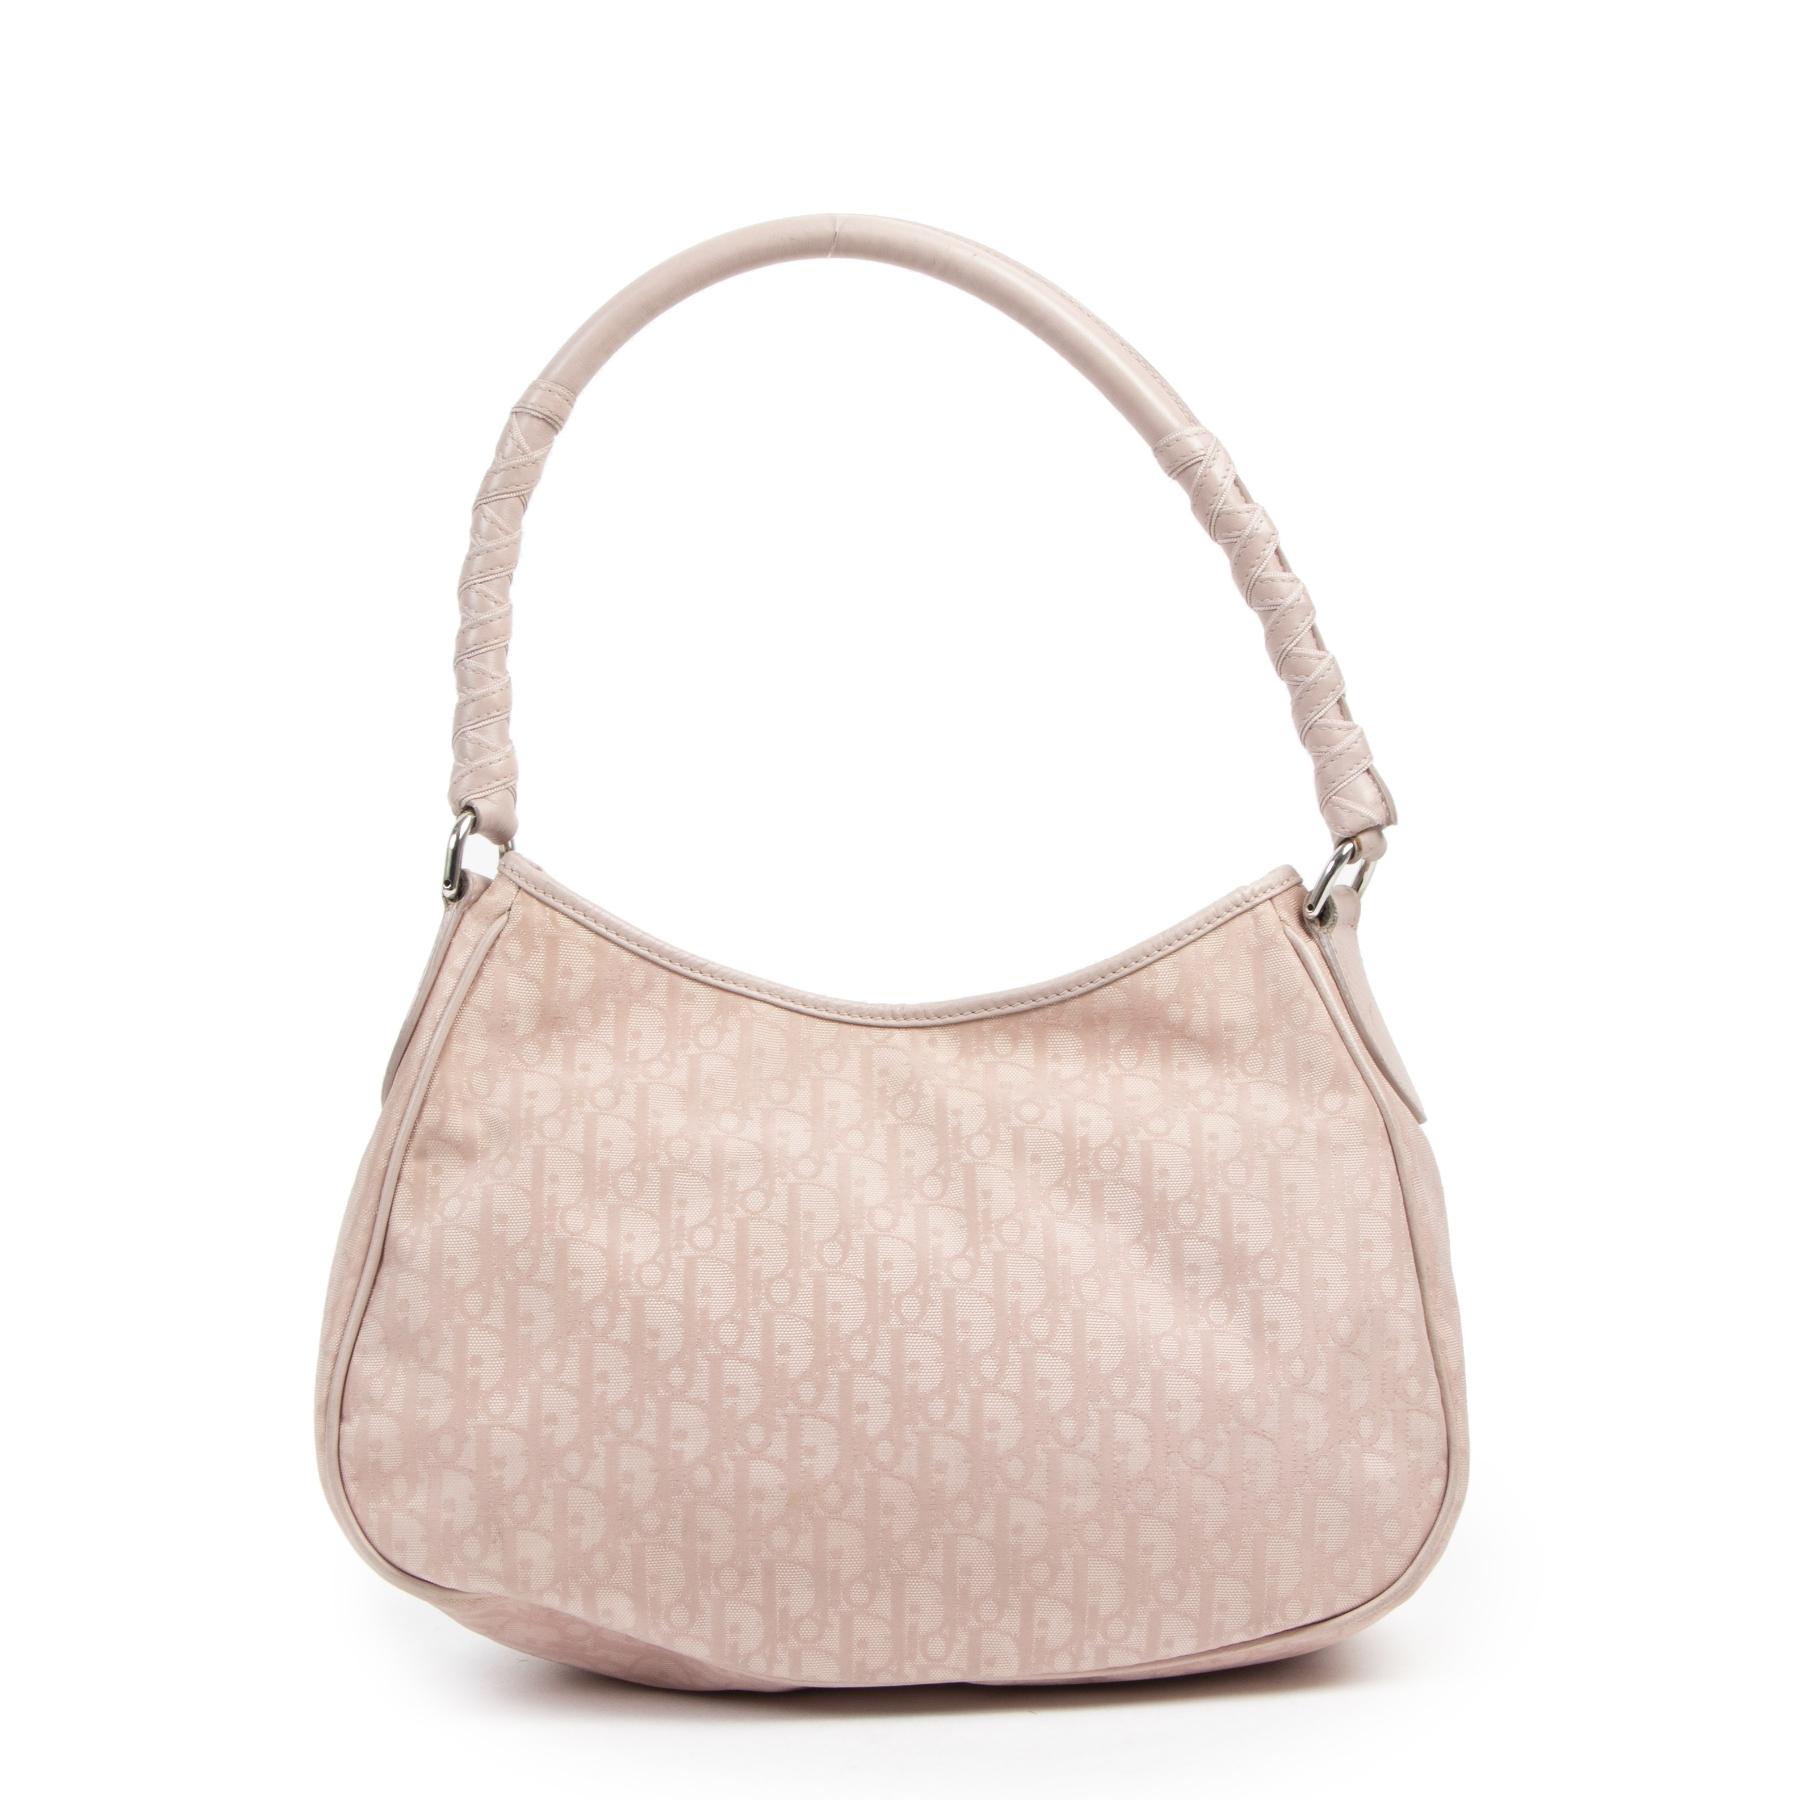 Authentique seconde-main vintage Christian Dior Monogram Canvas Dusty Pink Shoulder Bag achète en ligne webshop LabelLOV